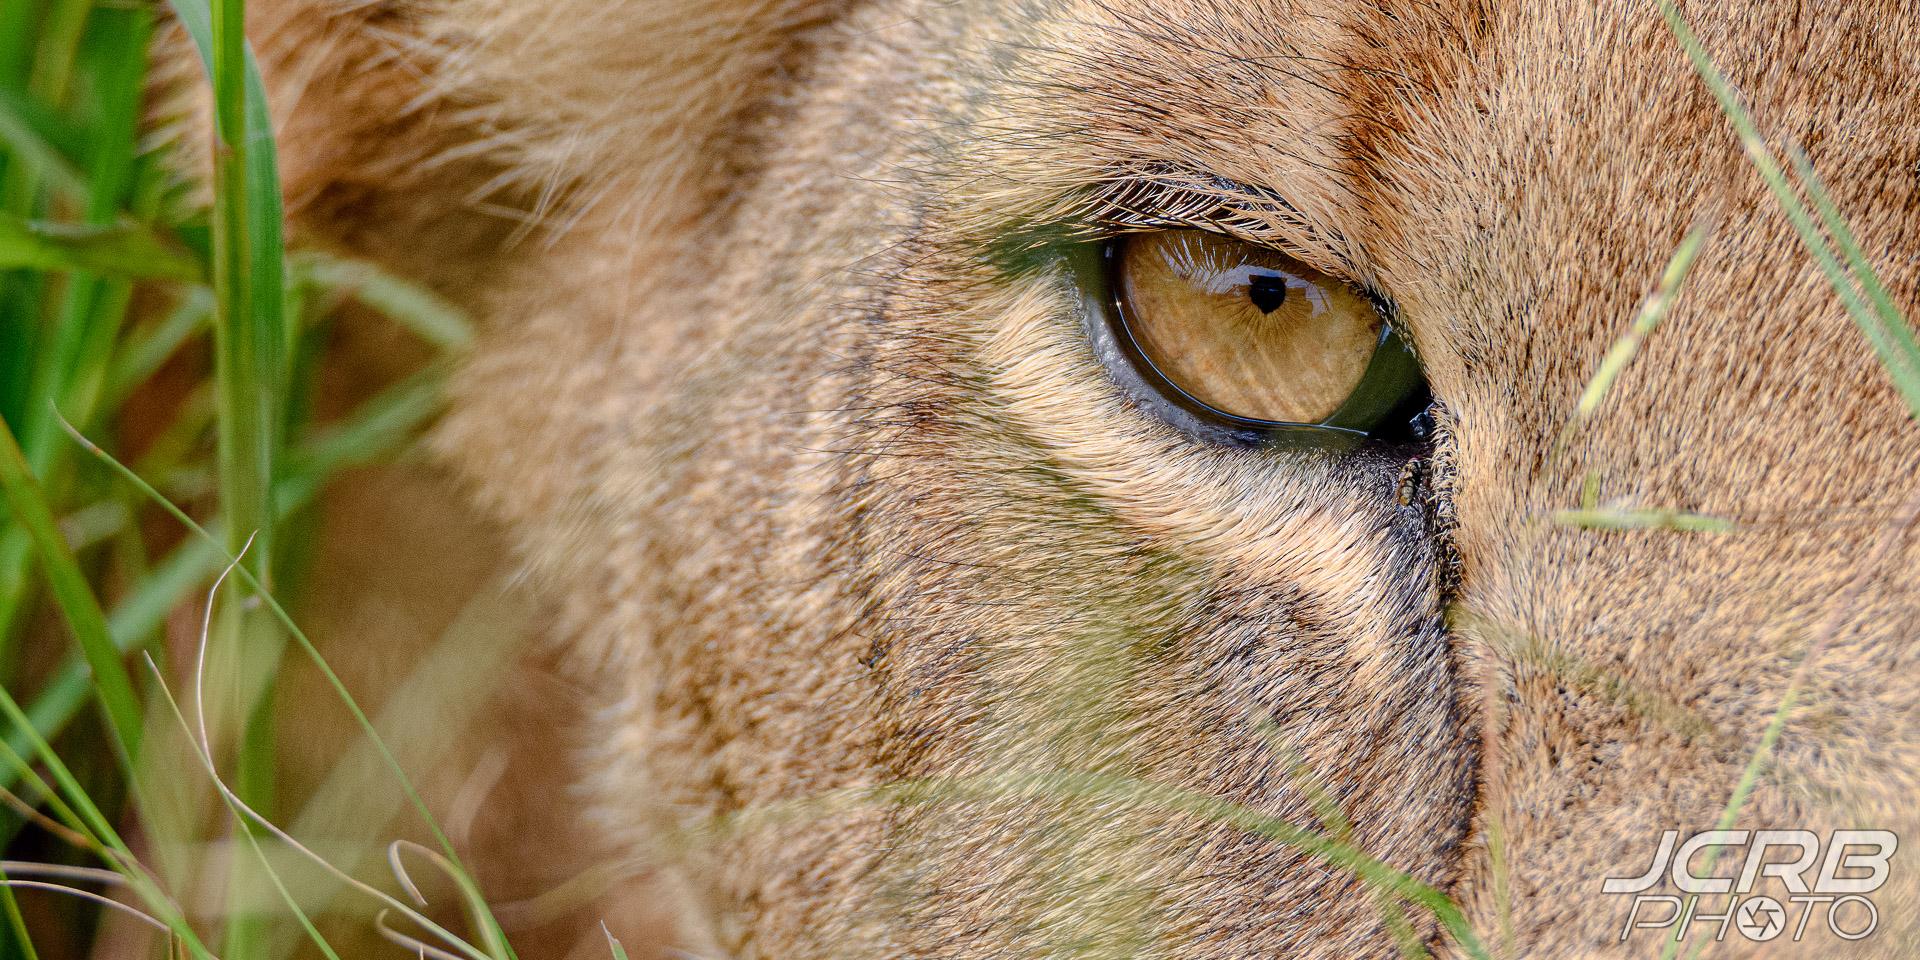 Lion, Lion Eye, Closeup Lion Eye, Lioness, Uganda